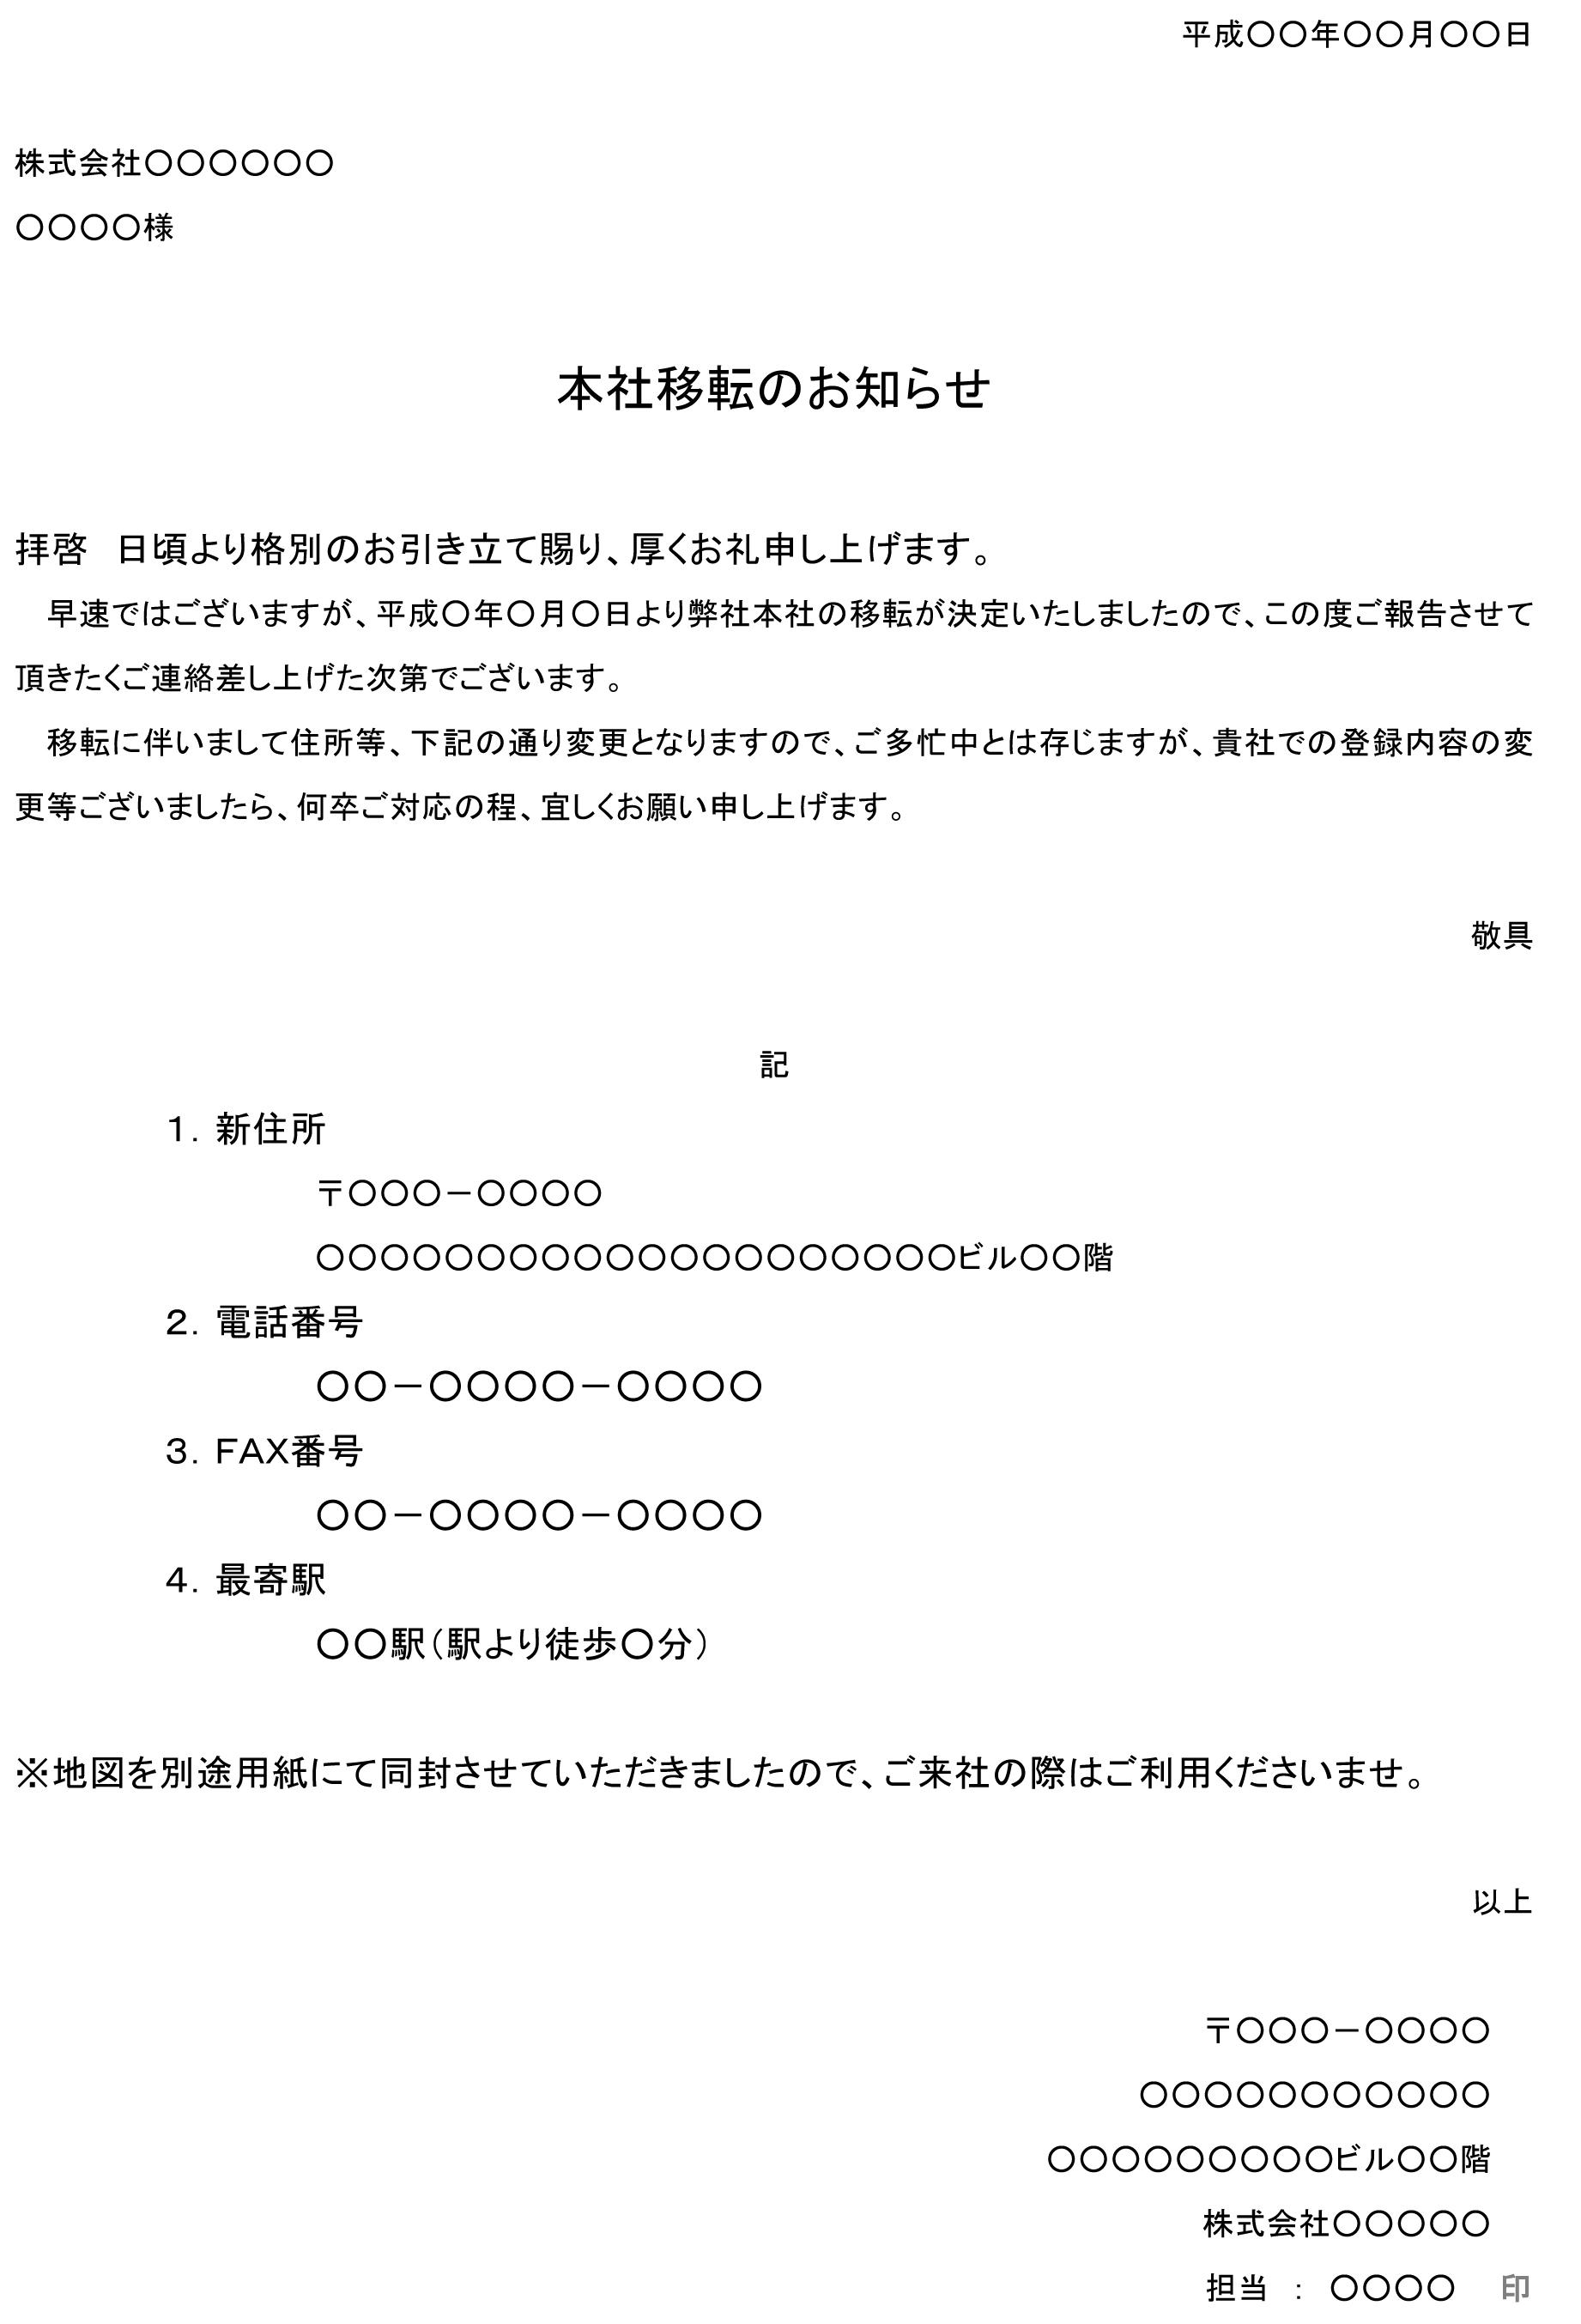 お知らせ(本社移転)